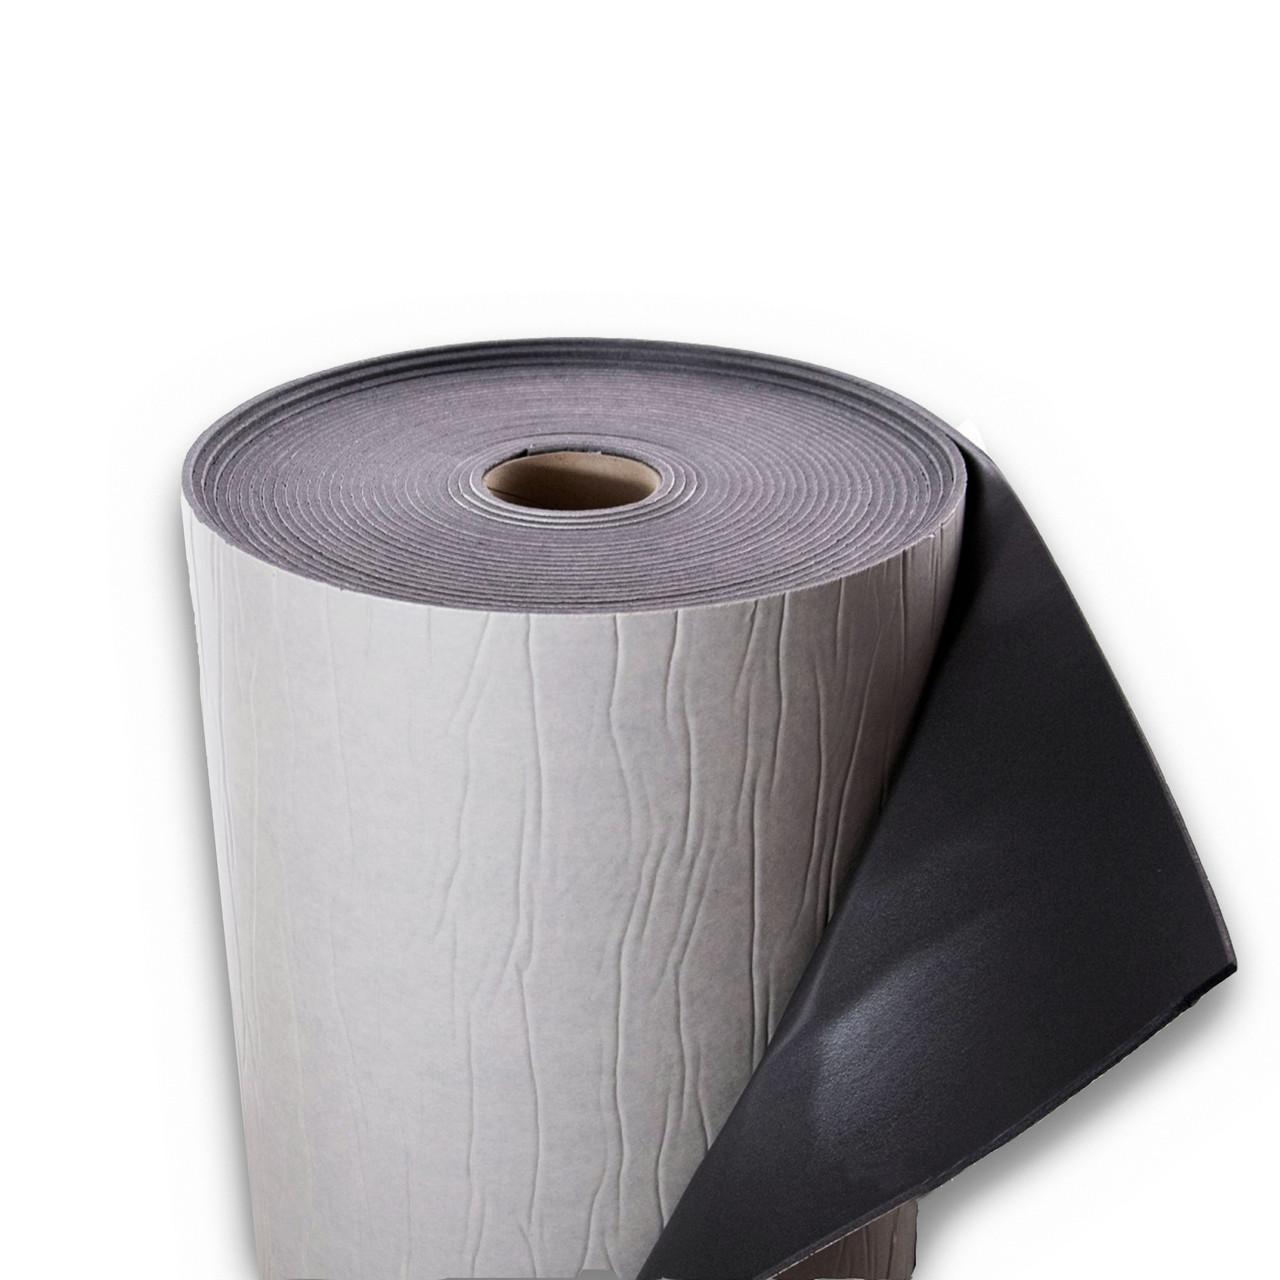 Физически сшитый вспененный полиэтилен самоклеящийся, 8 мм (темно-серый)